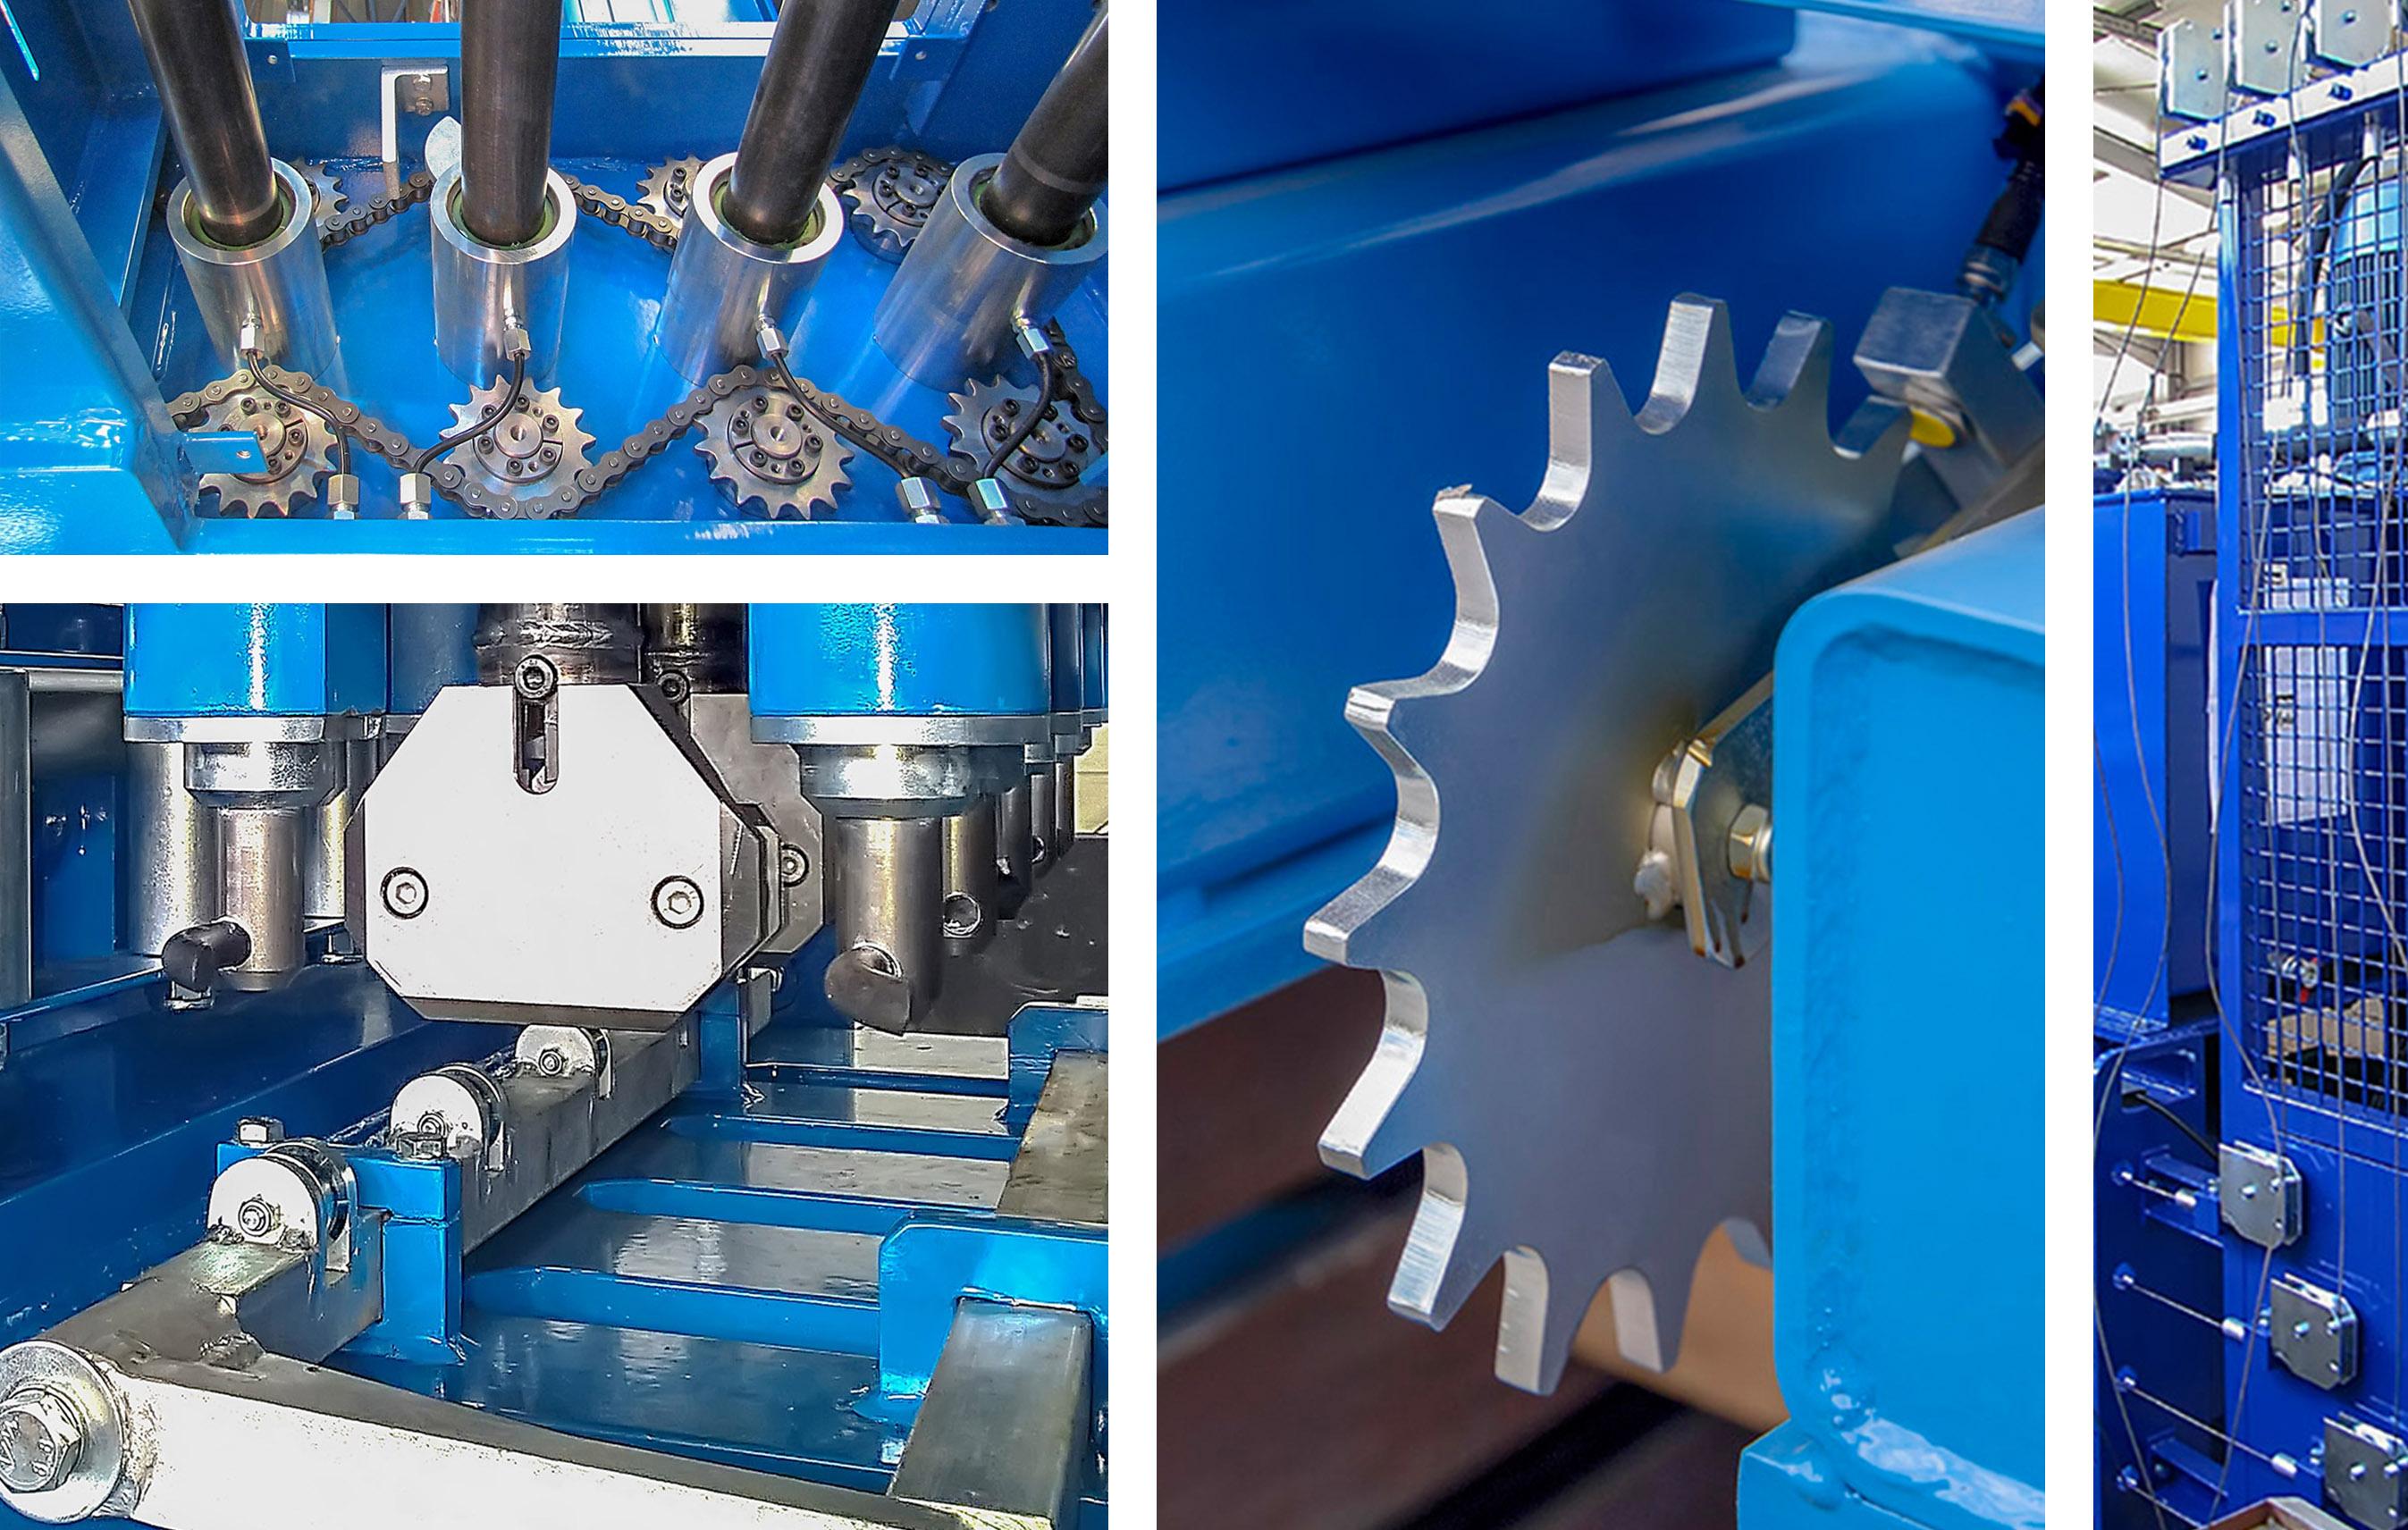 Hot-dip galvanized parts